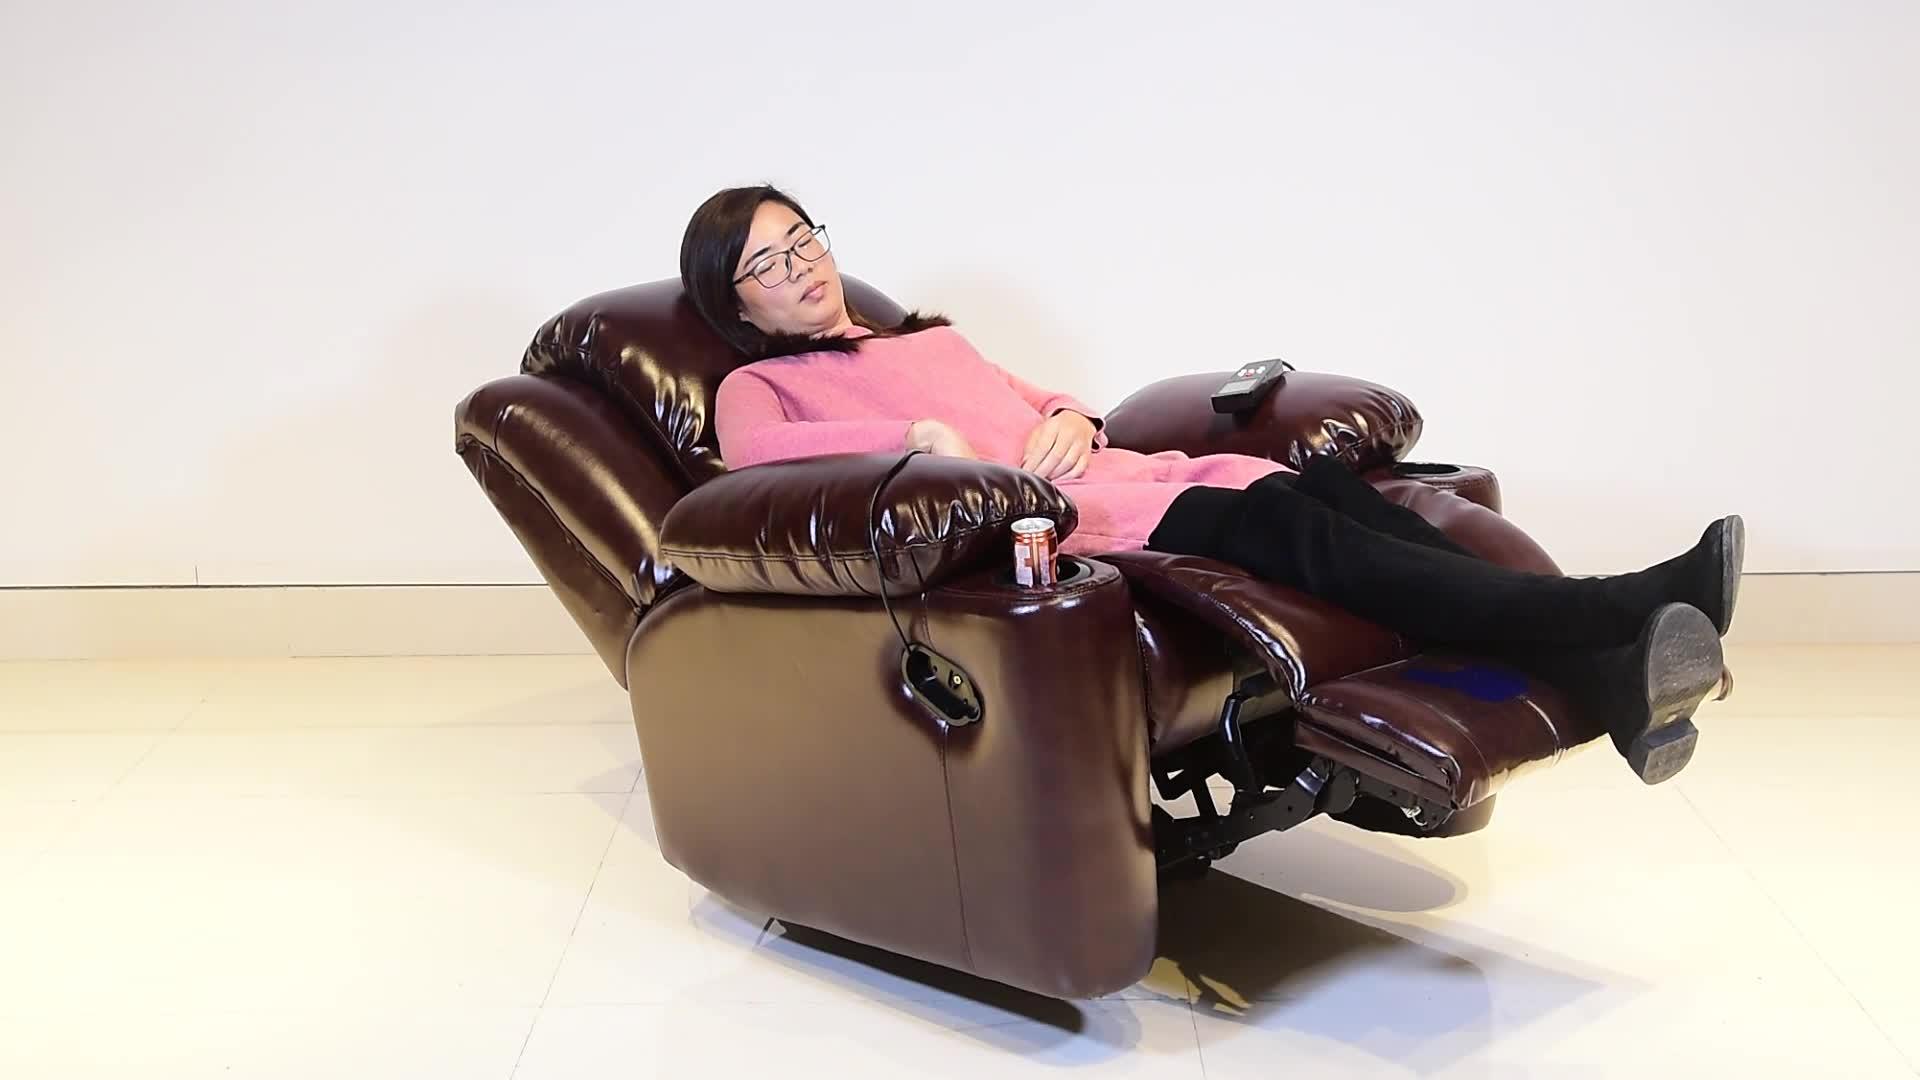 Meuble de cinéma de luxe moderne | Meuble de cinéma, levage unique, mécanisme de bascule pivotant, fauteuil de massage électrique en cuir véritable